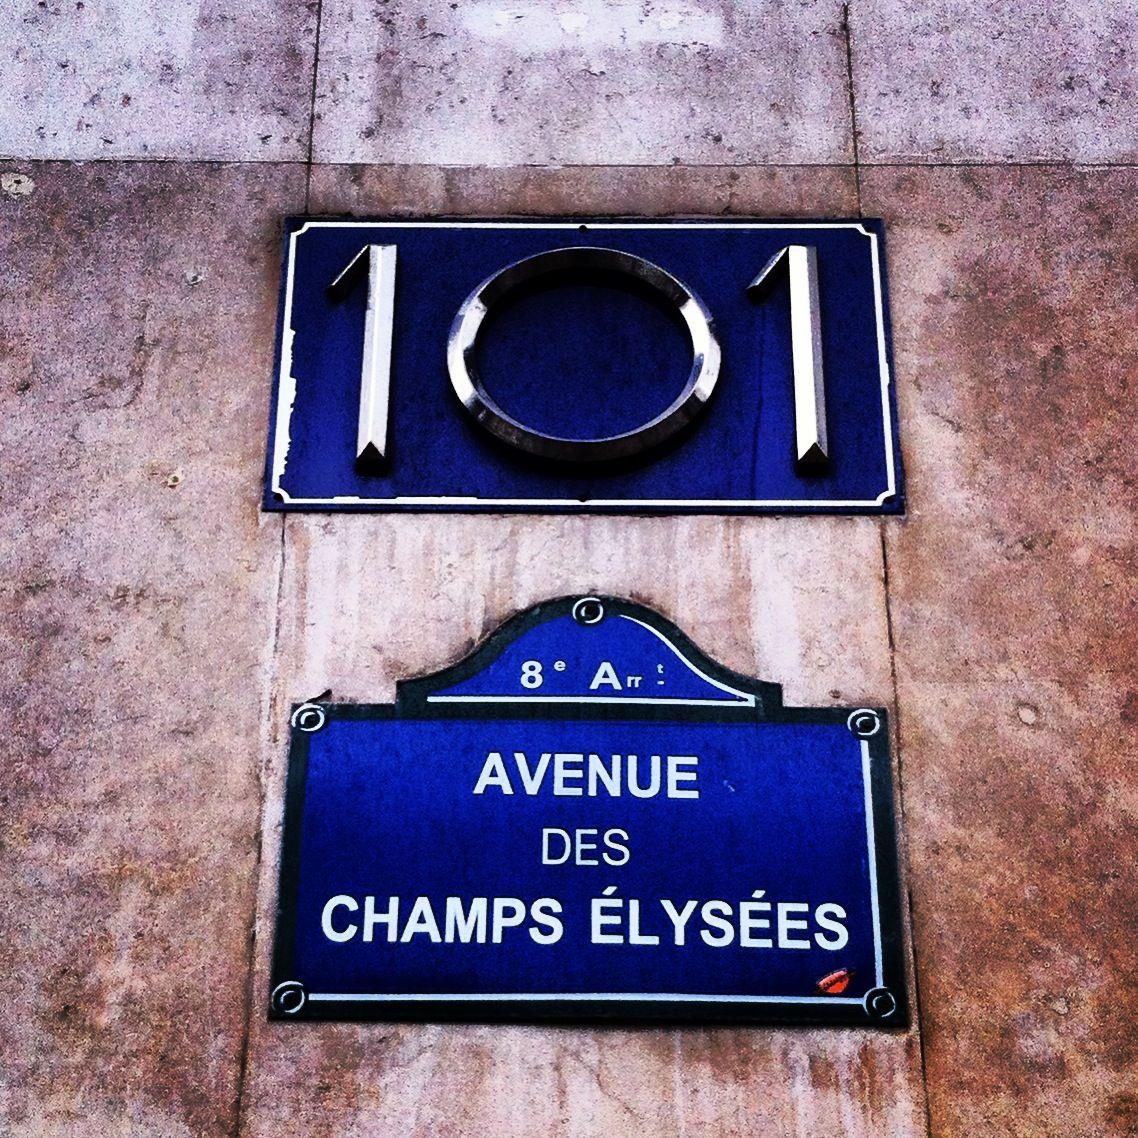 Avenue des Champs Elysees, Paris, France